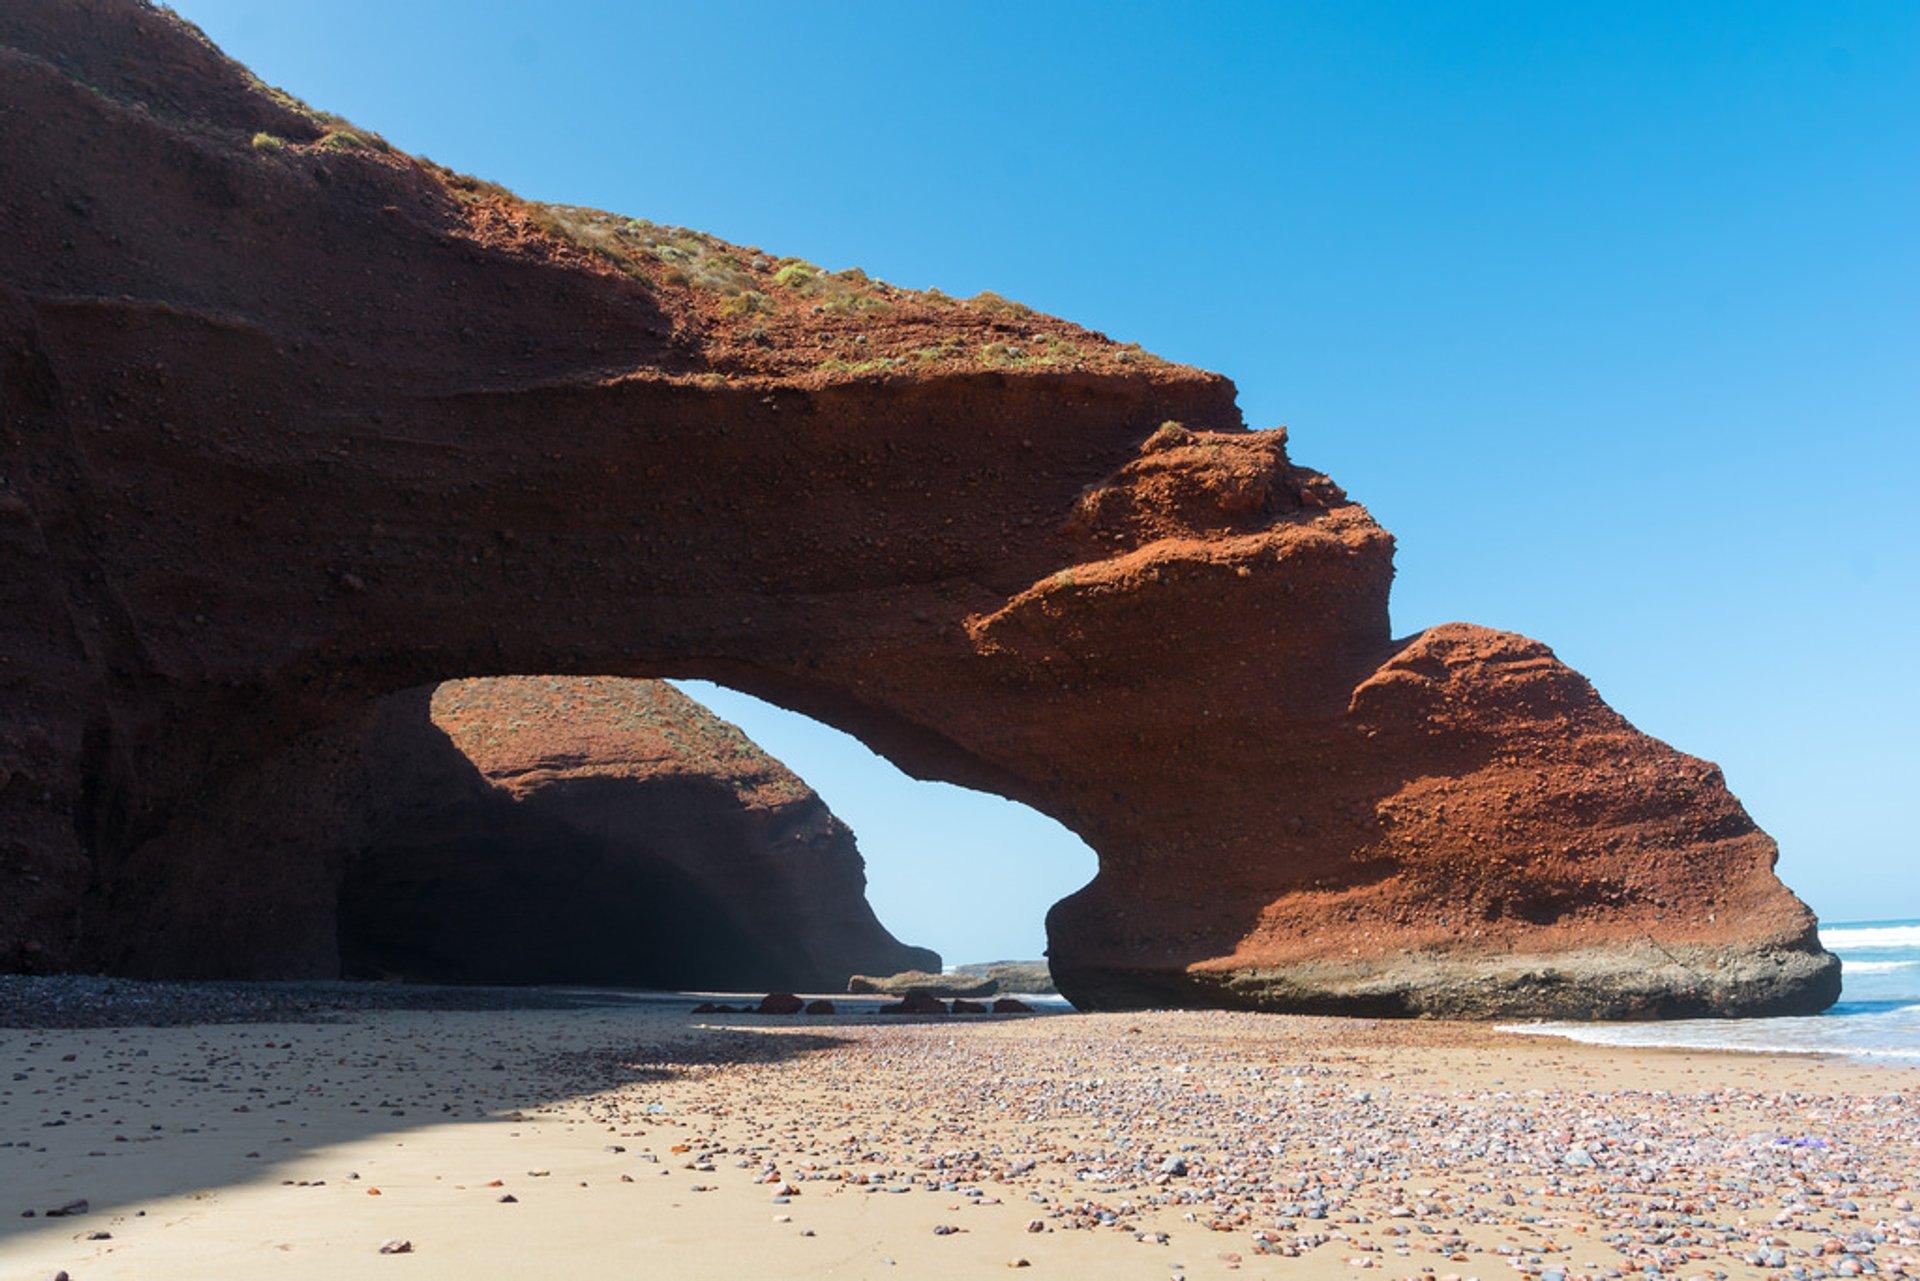 Legzira Beach in Morocco - Best Season 2020